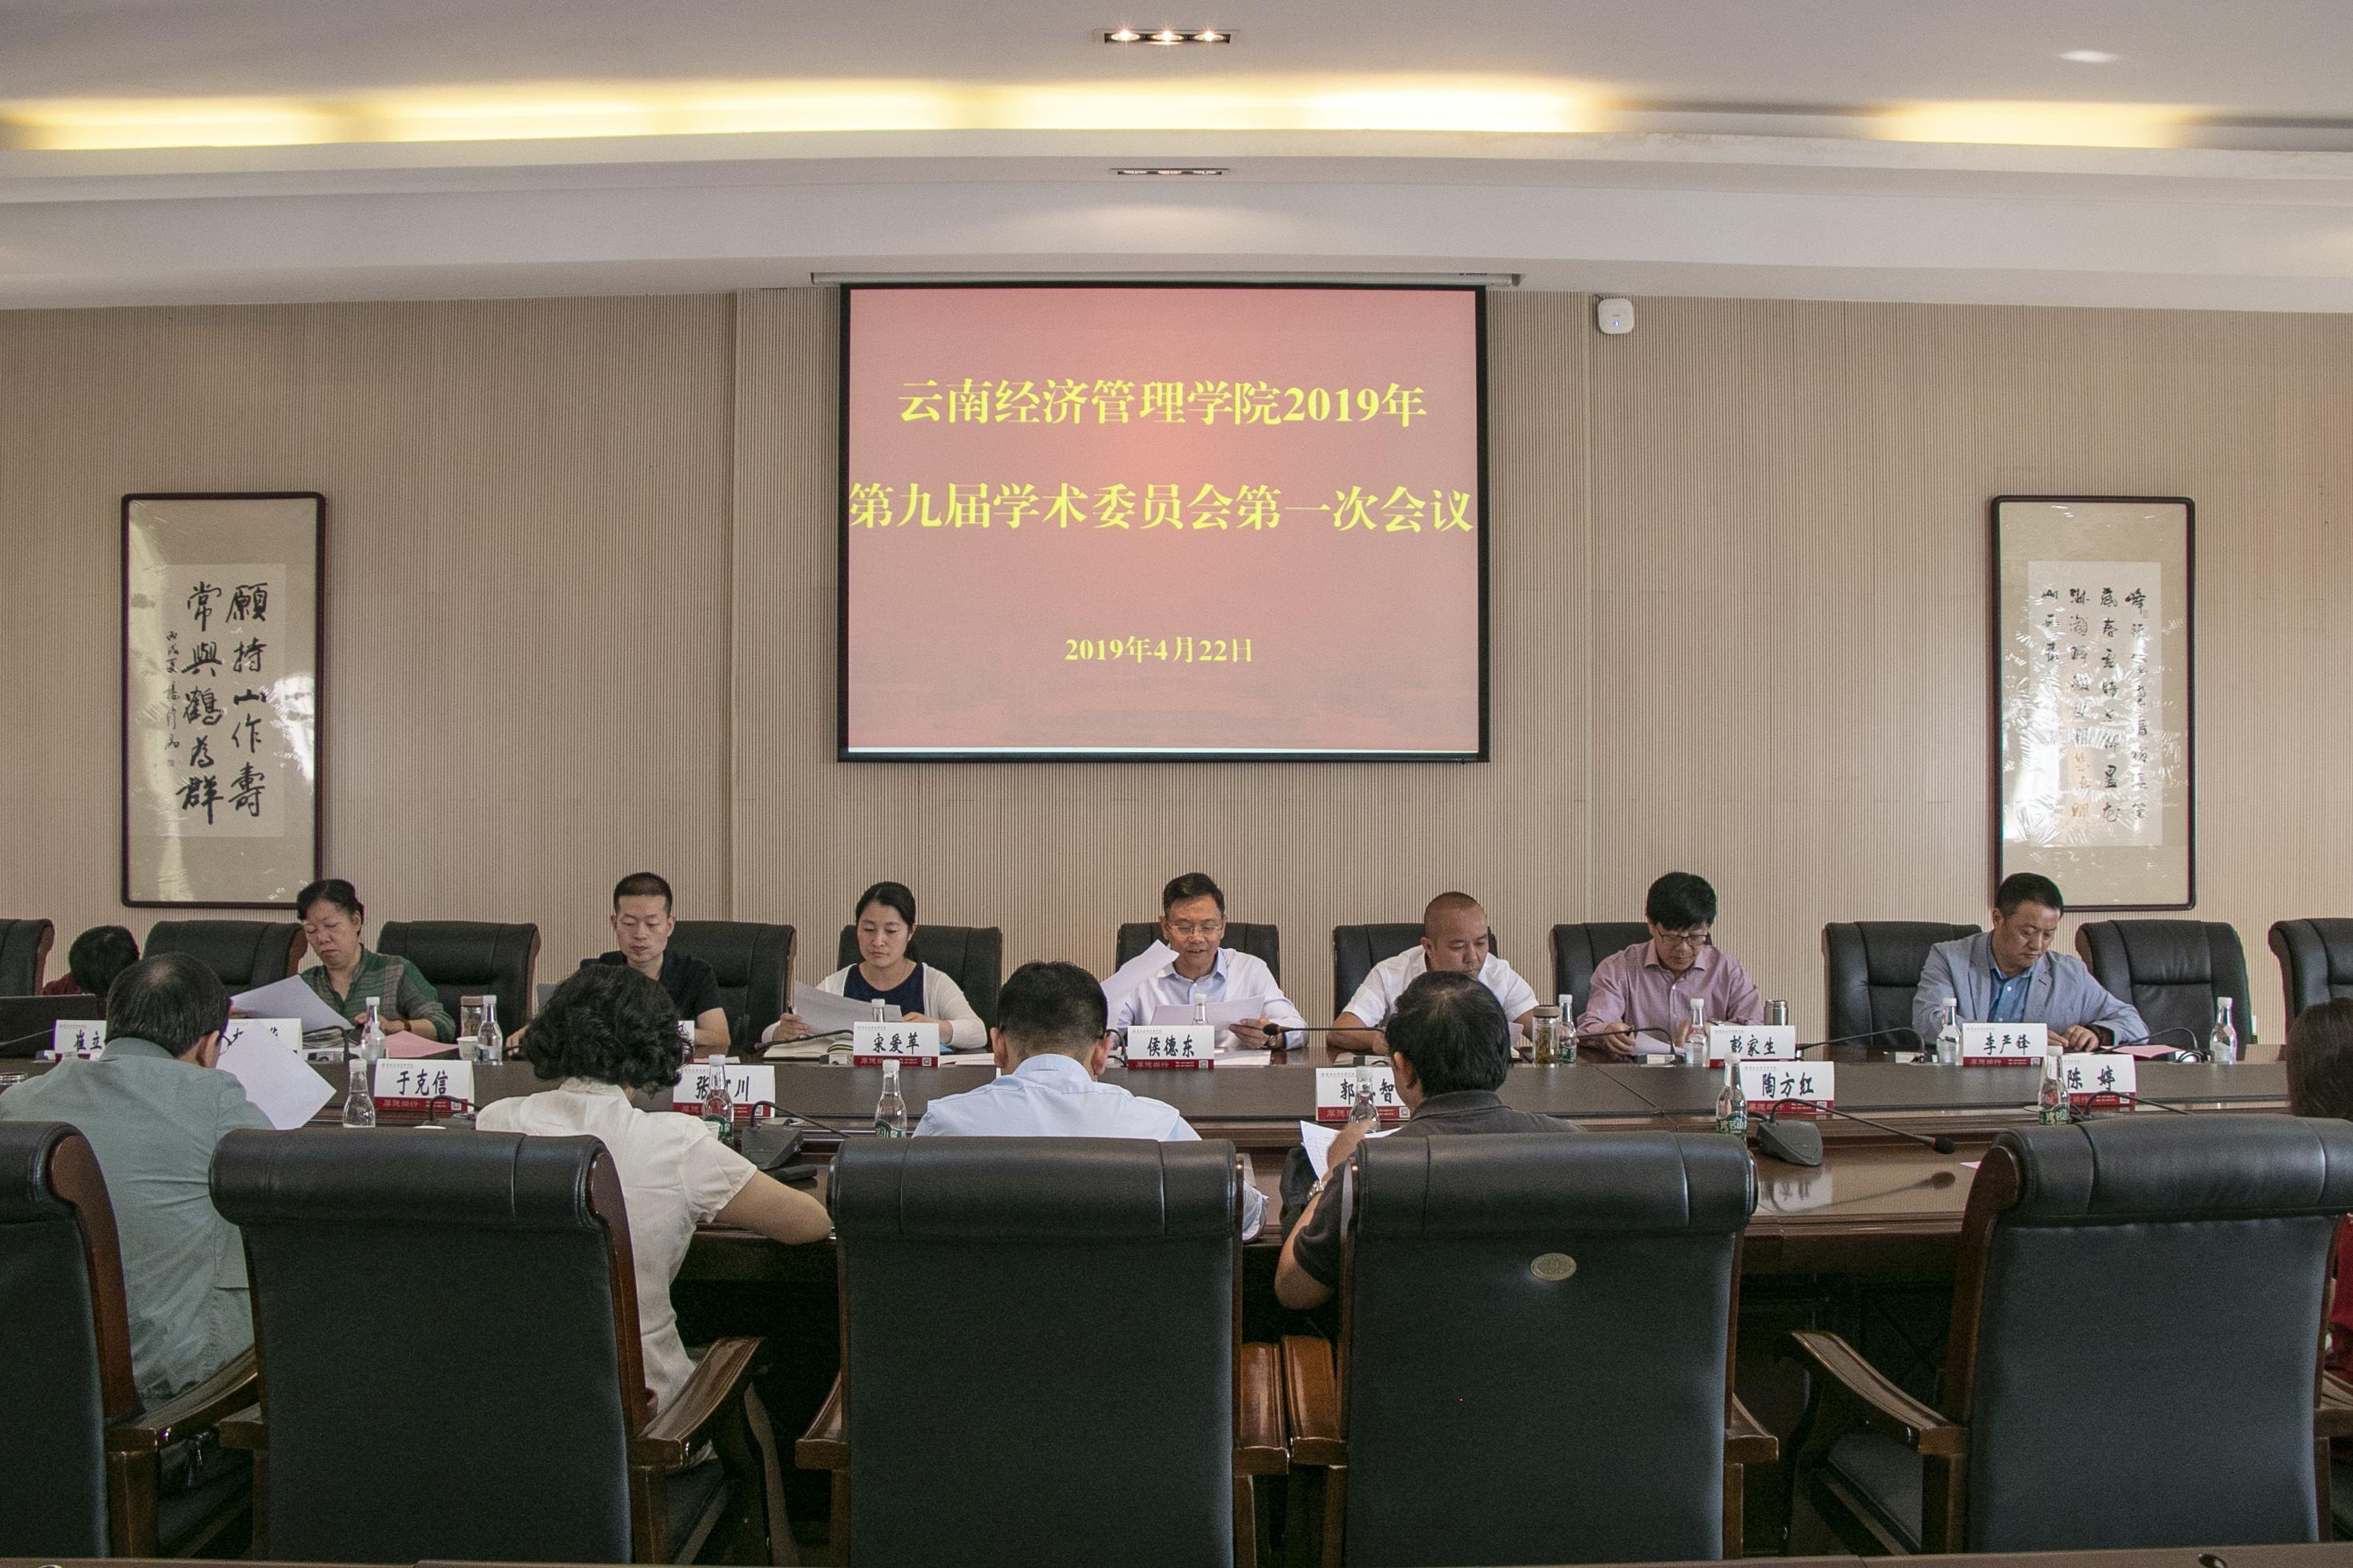 云南经济管理学院第九届学术委员